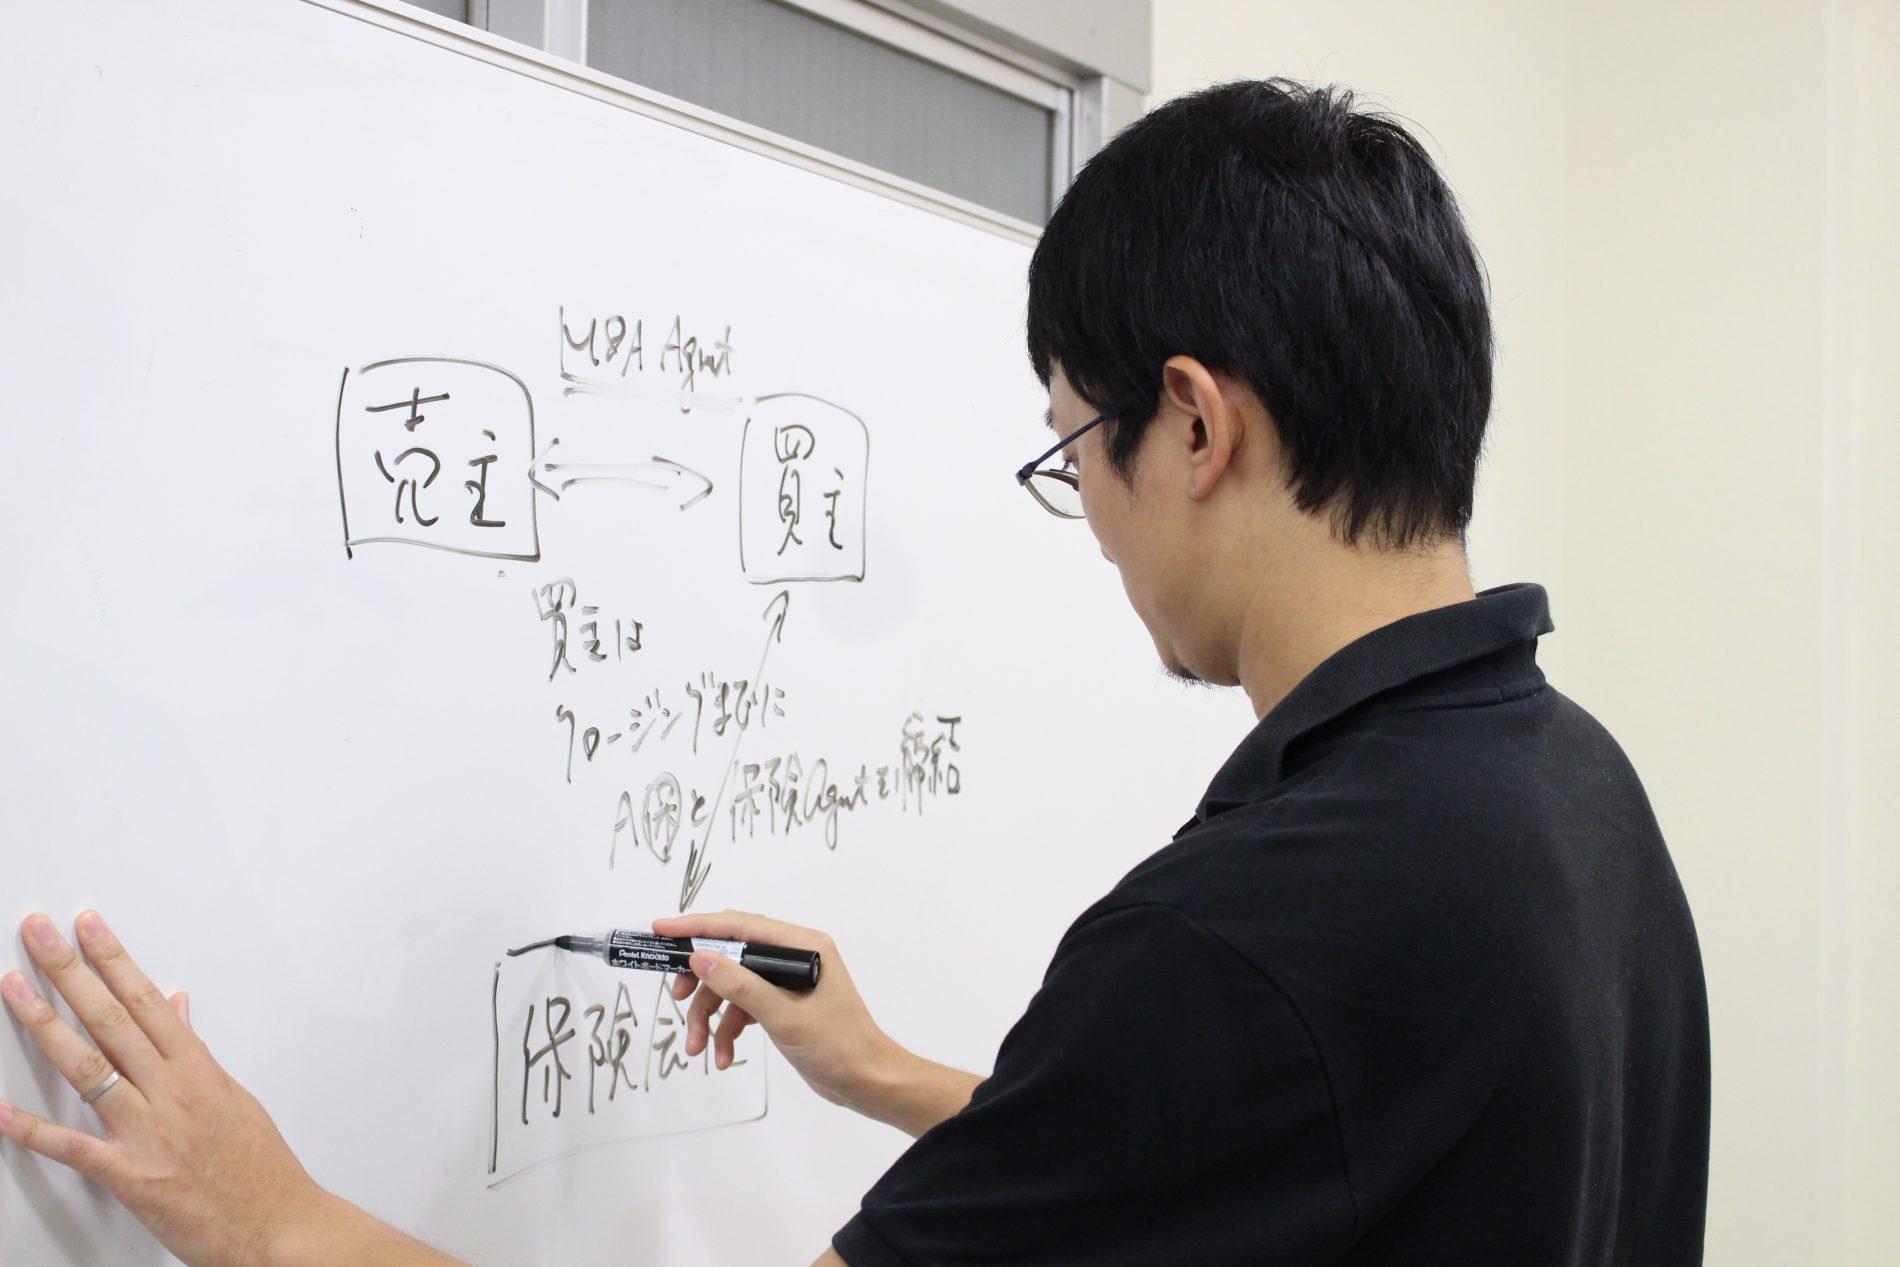 村永 俊暁さんのインタビューシーン3